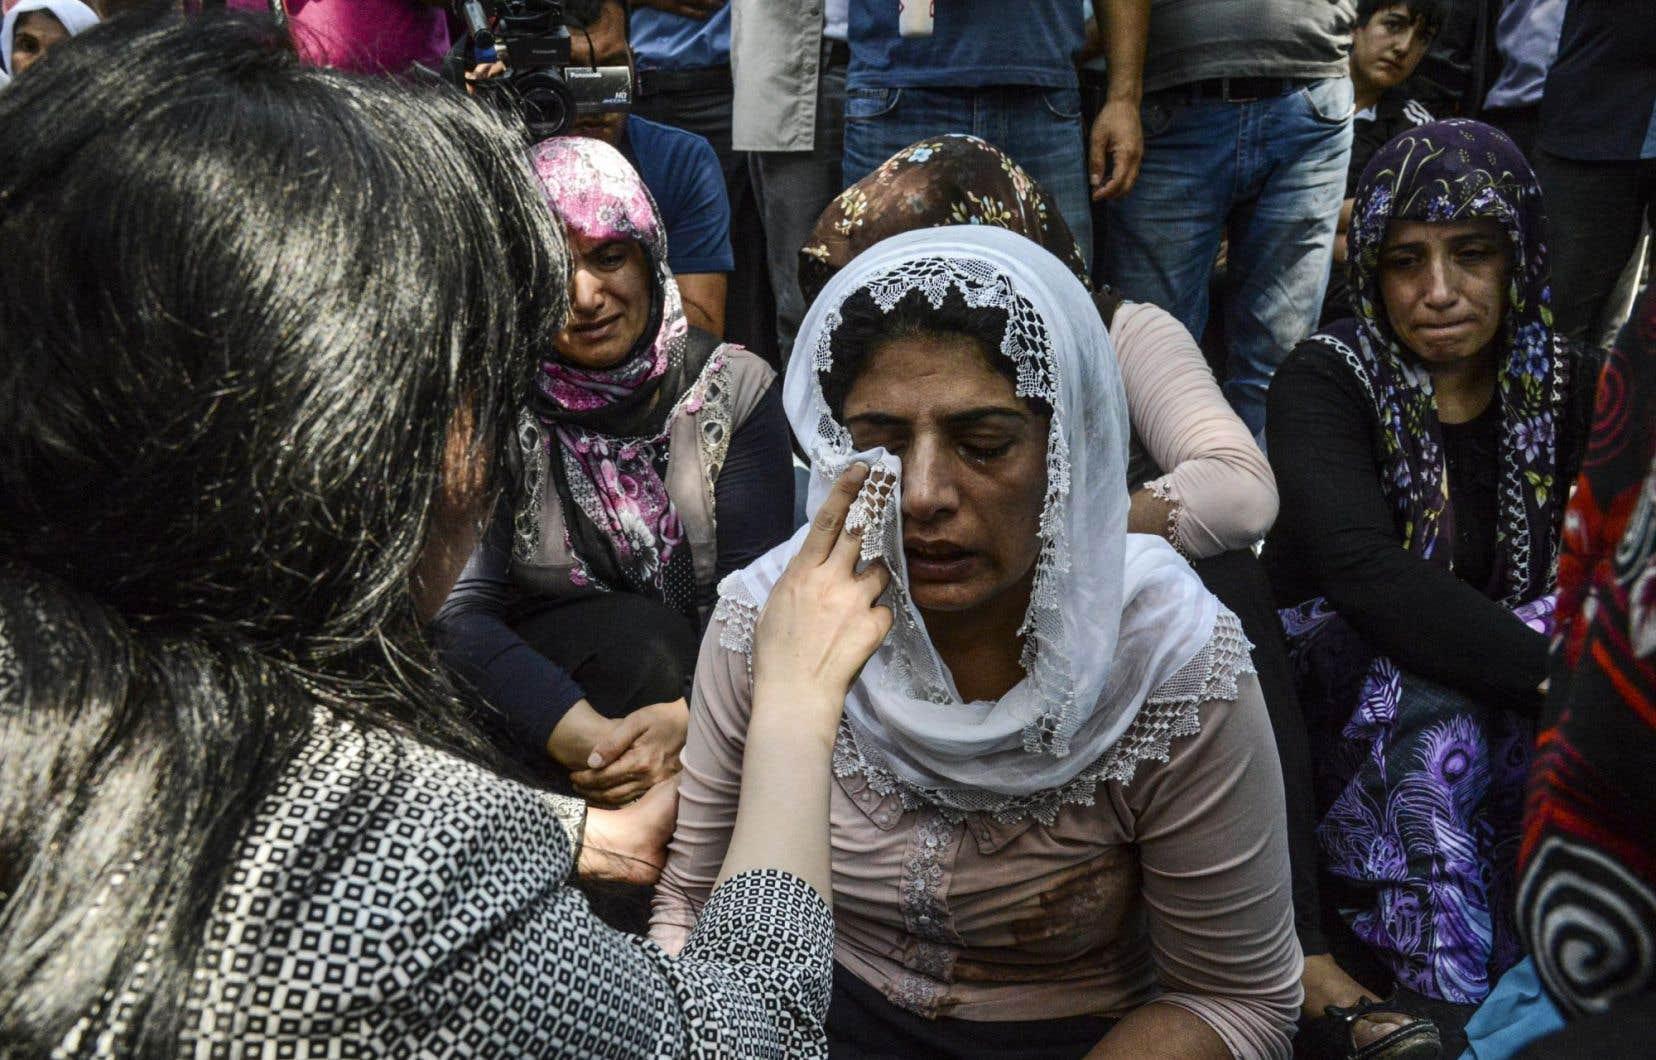 Le bilan de l'attentat, le plus meurtrier en Turquie cette année, a augmenté de 51 à 54 morts, a annoncé l'agence de presse Dogan.